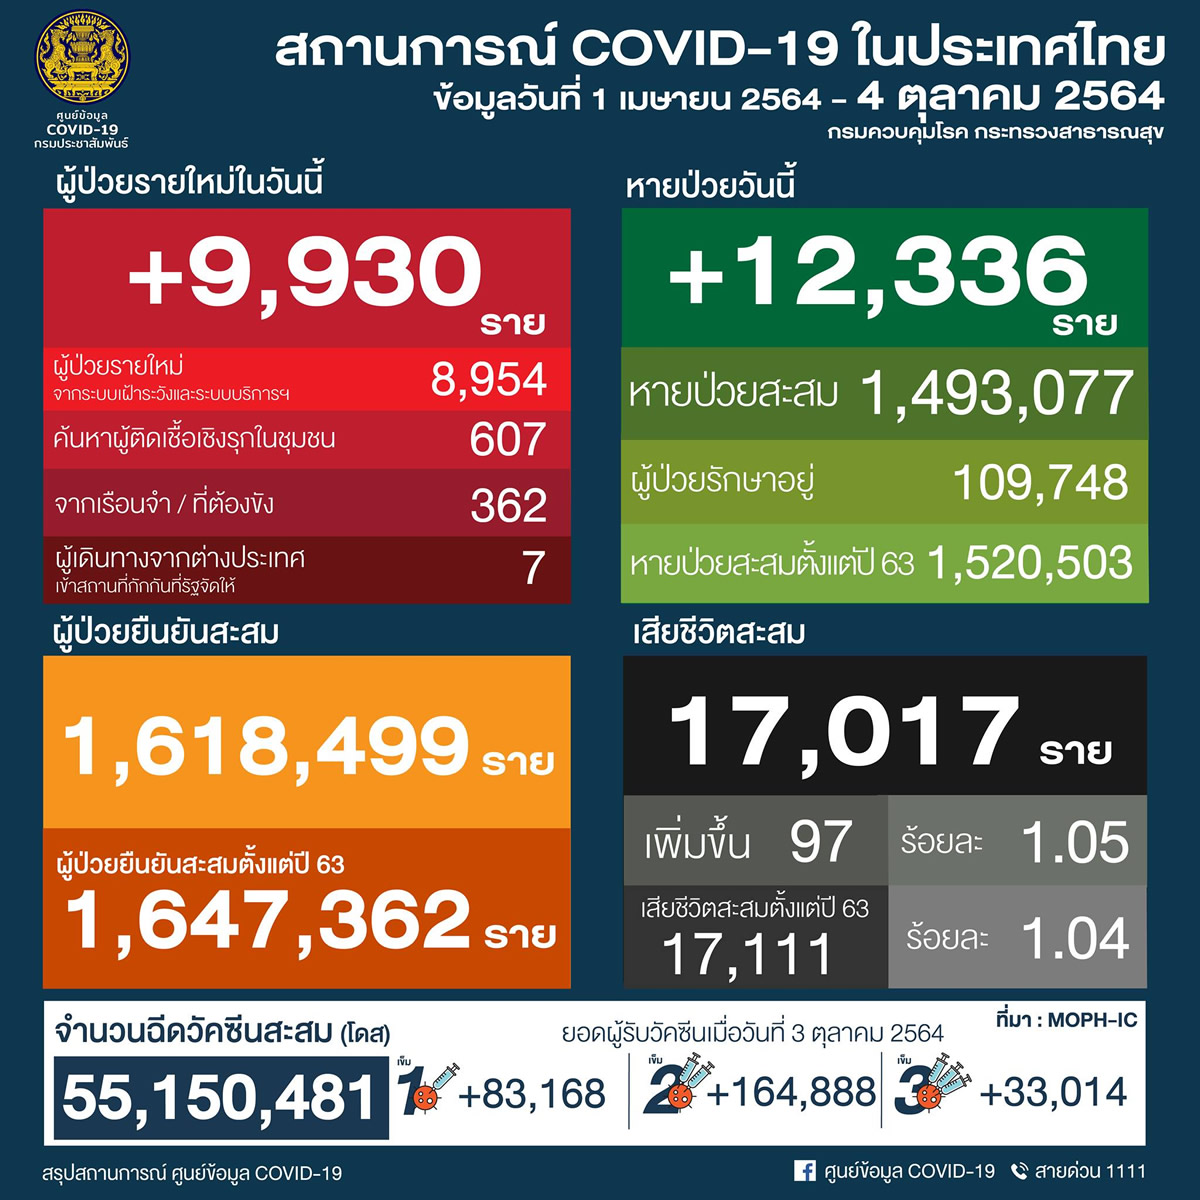 タイ 9,930人陽性 97人死亡/バンコク 1,137人陽性 27人死亡/プーケット 179人陽性[2021年10月4日発表]